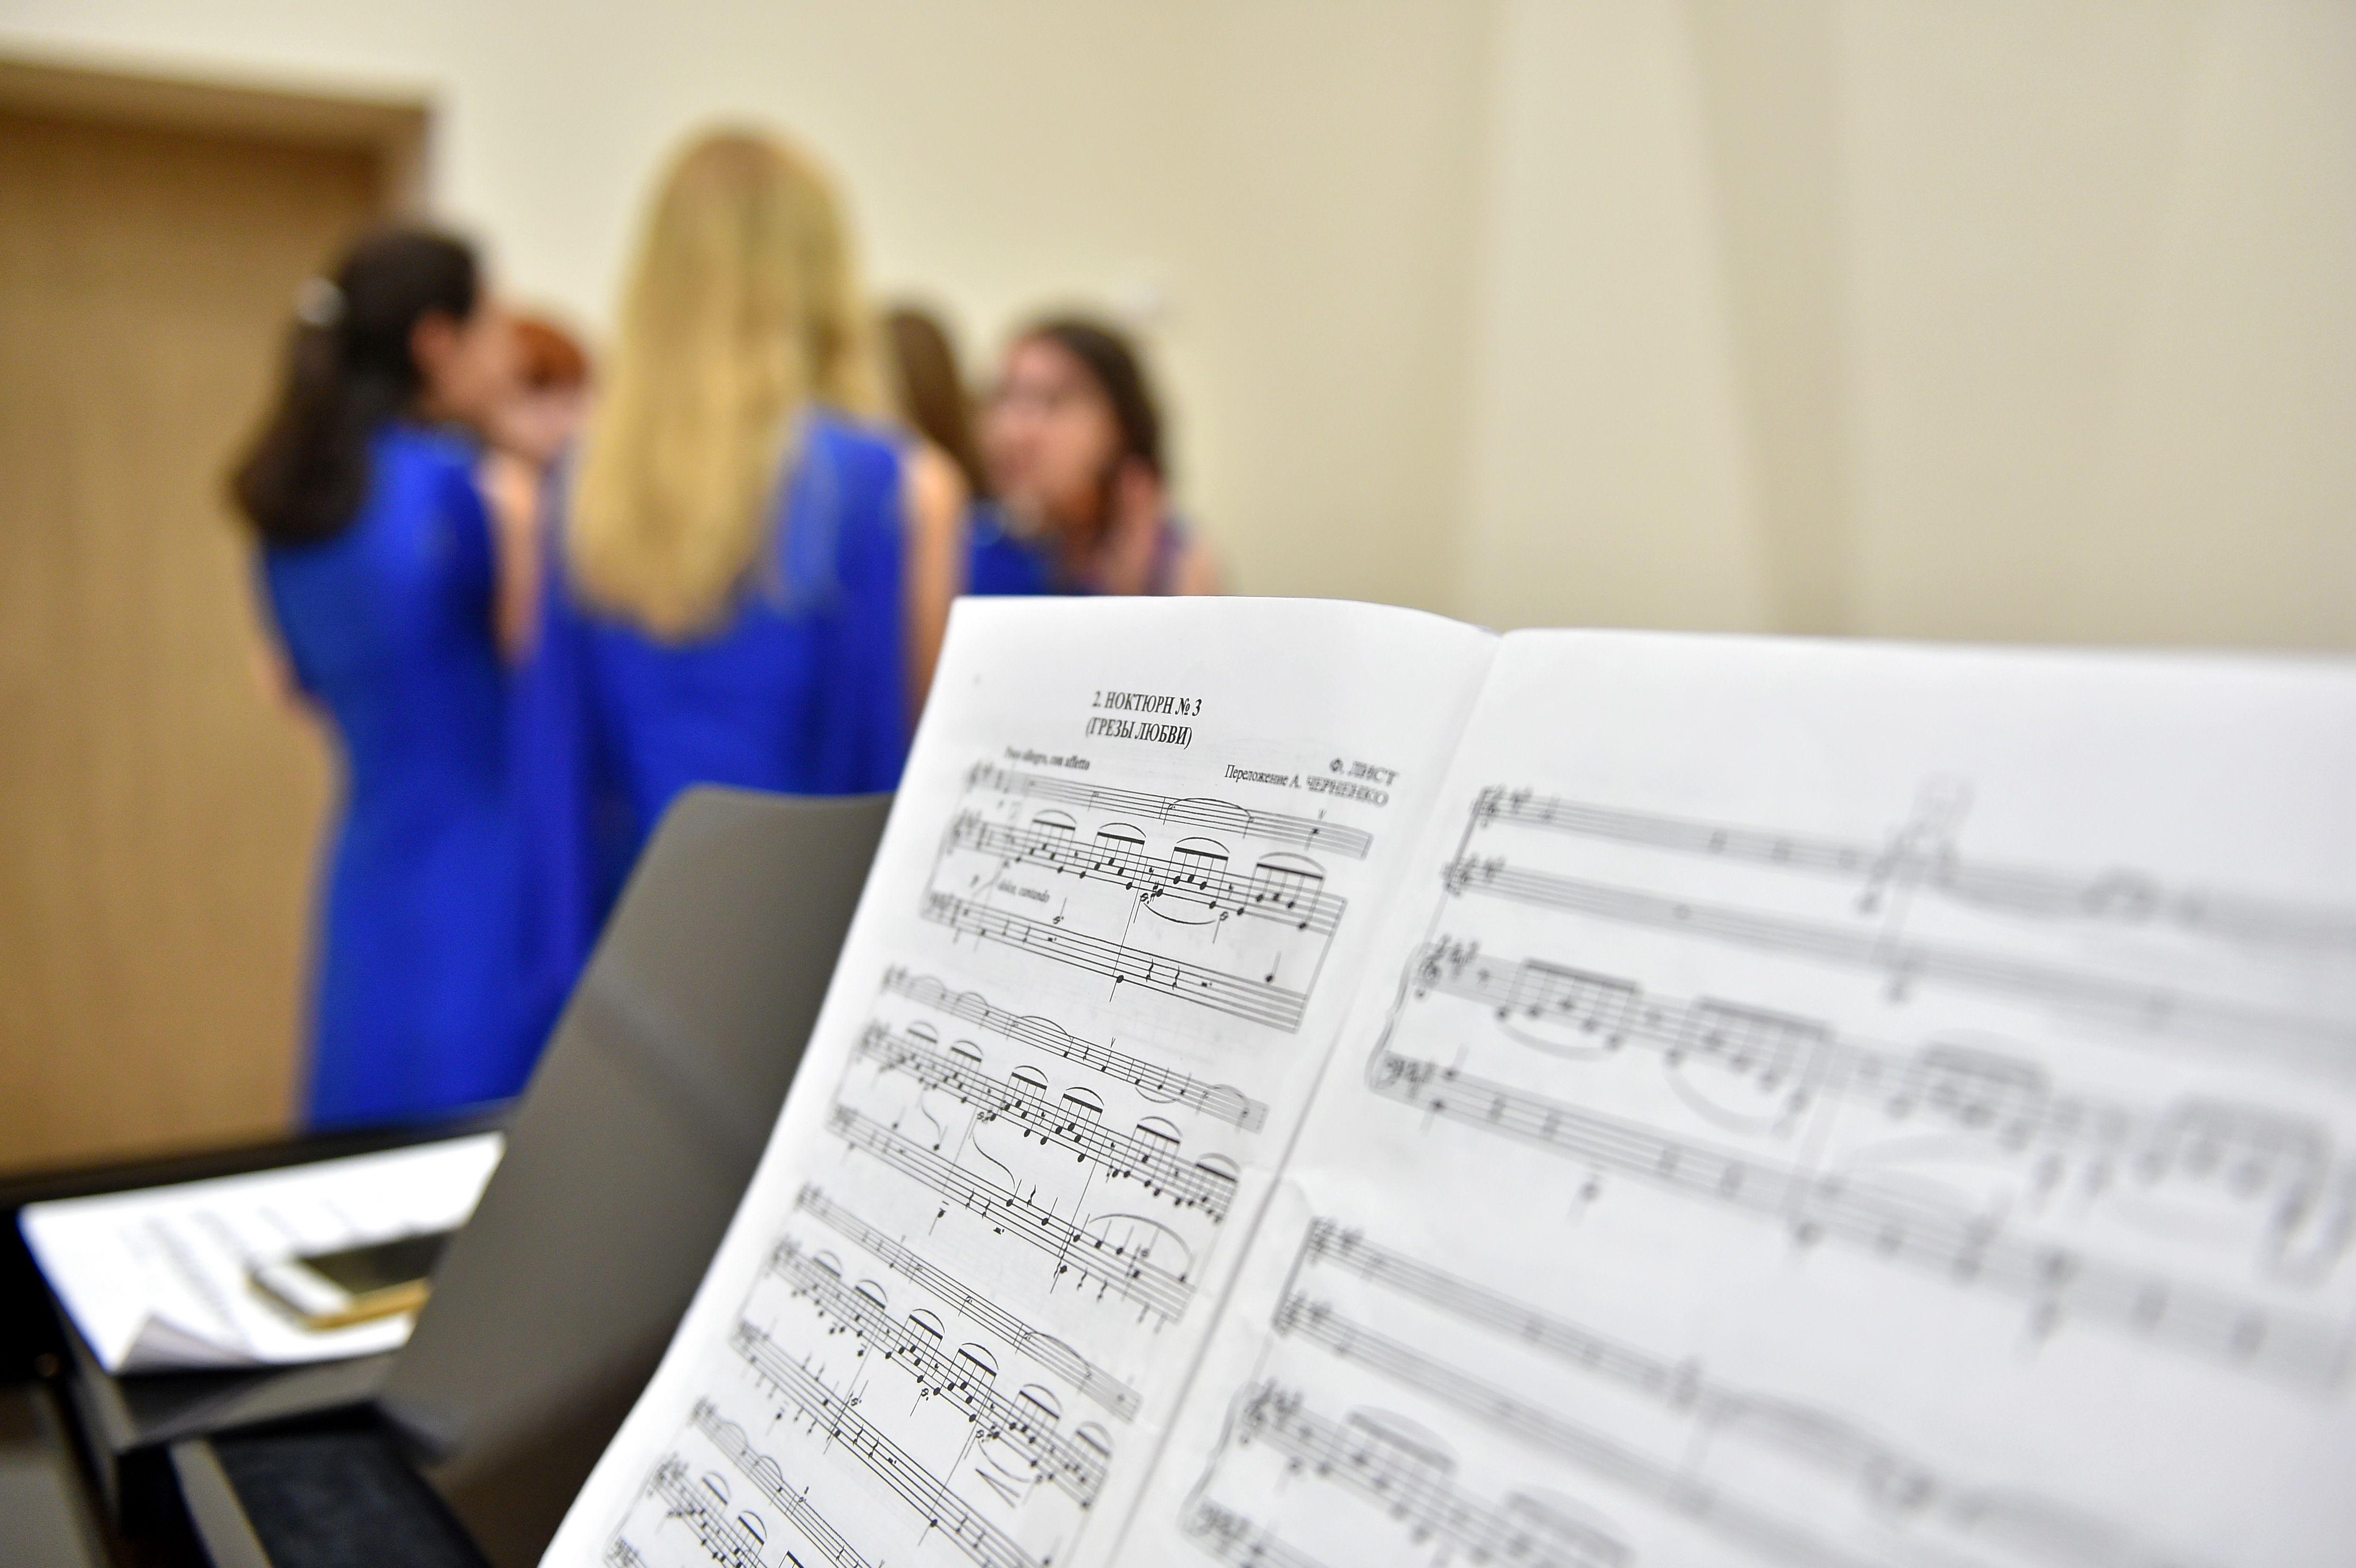 Итоги конкурса среди музыкантов подведут в Московском